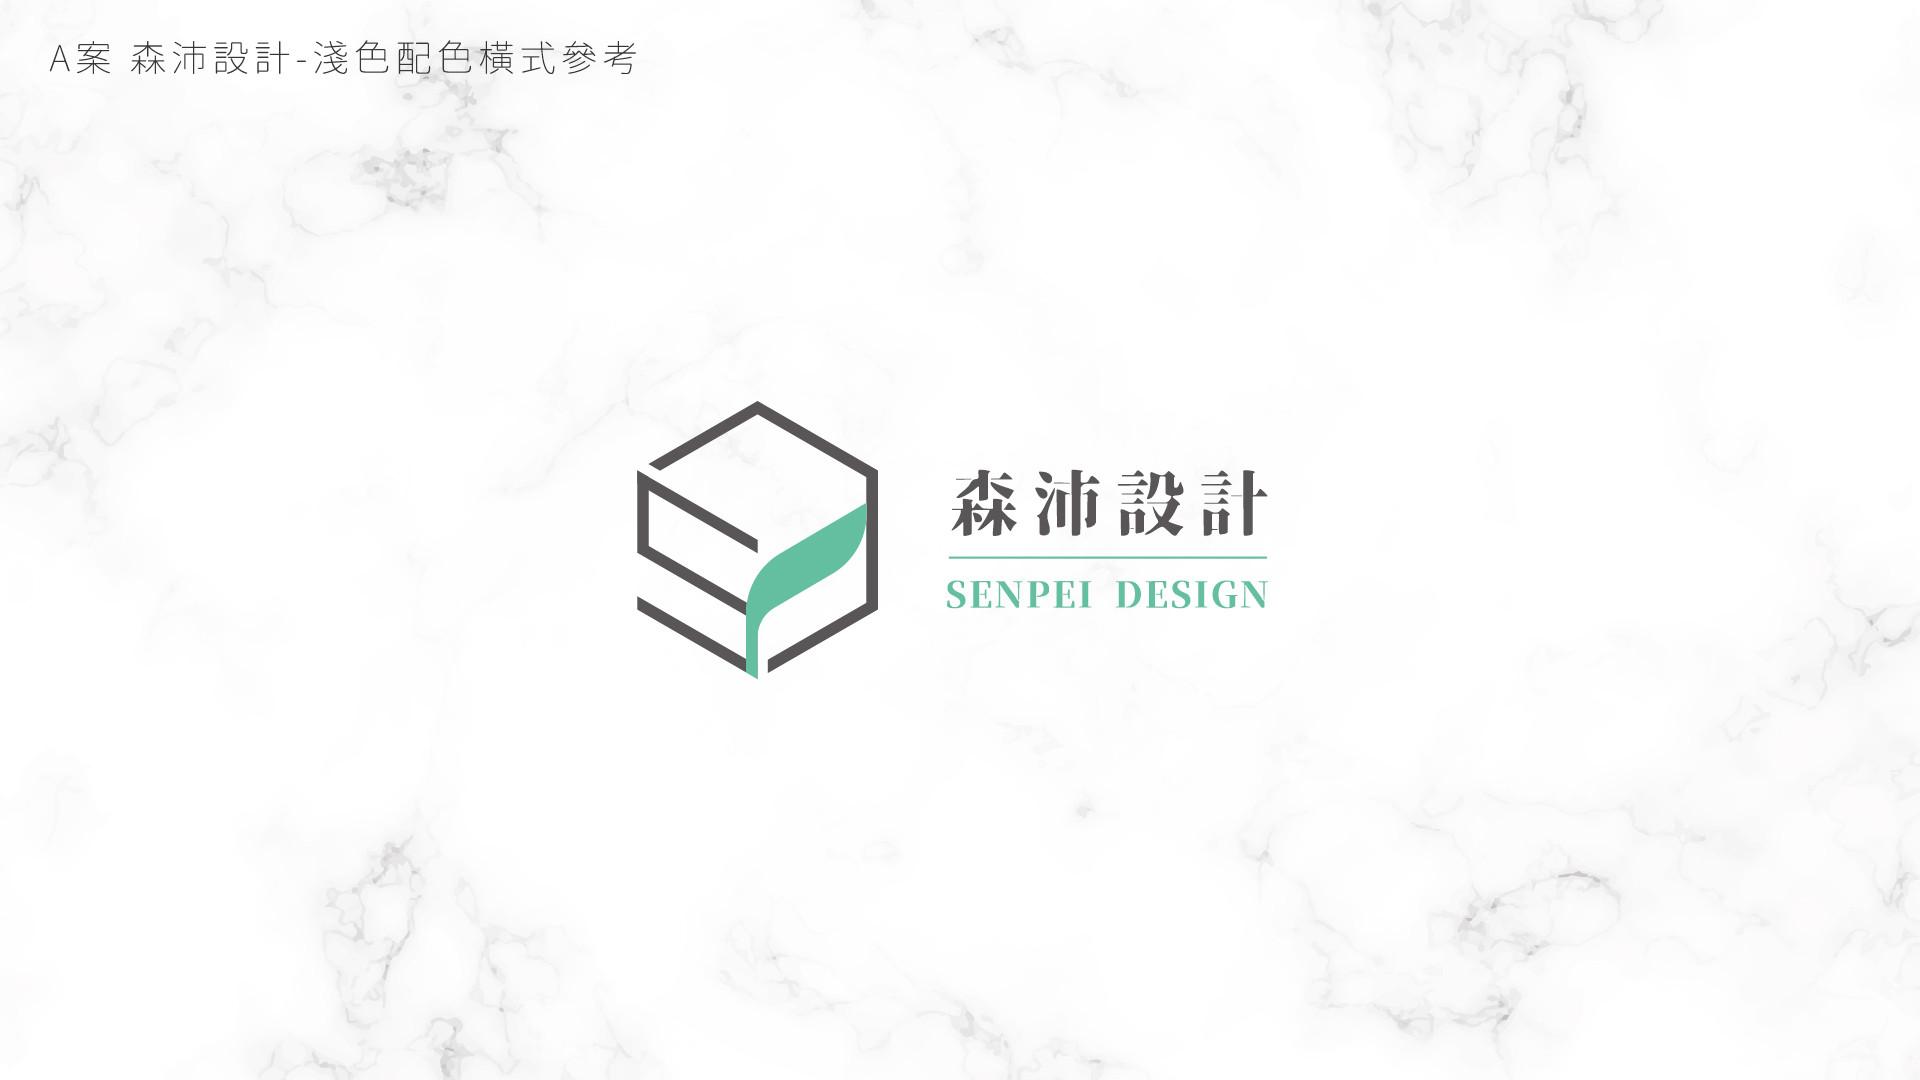 森沛室內設計-商標設計-6(O)_工作區域 1 複本 31.jpg